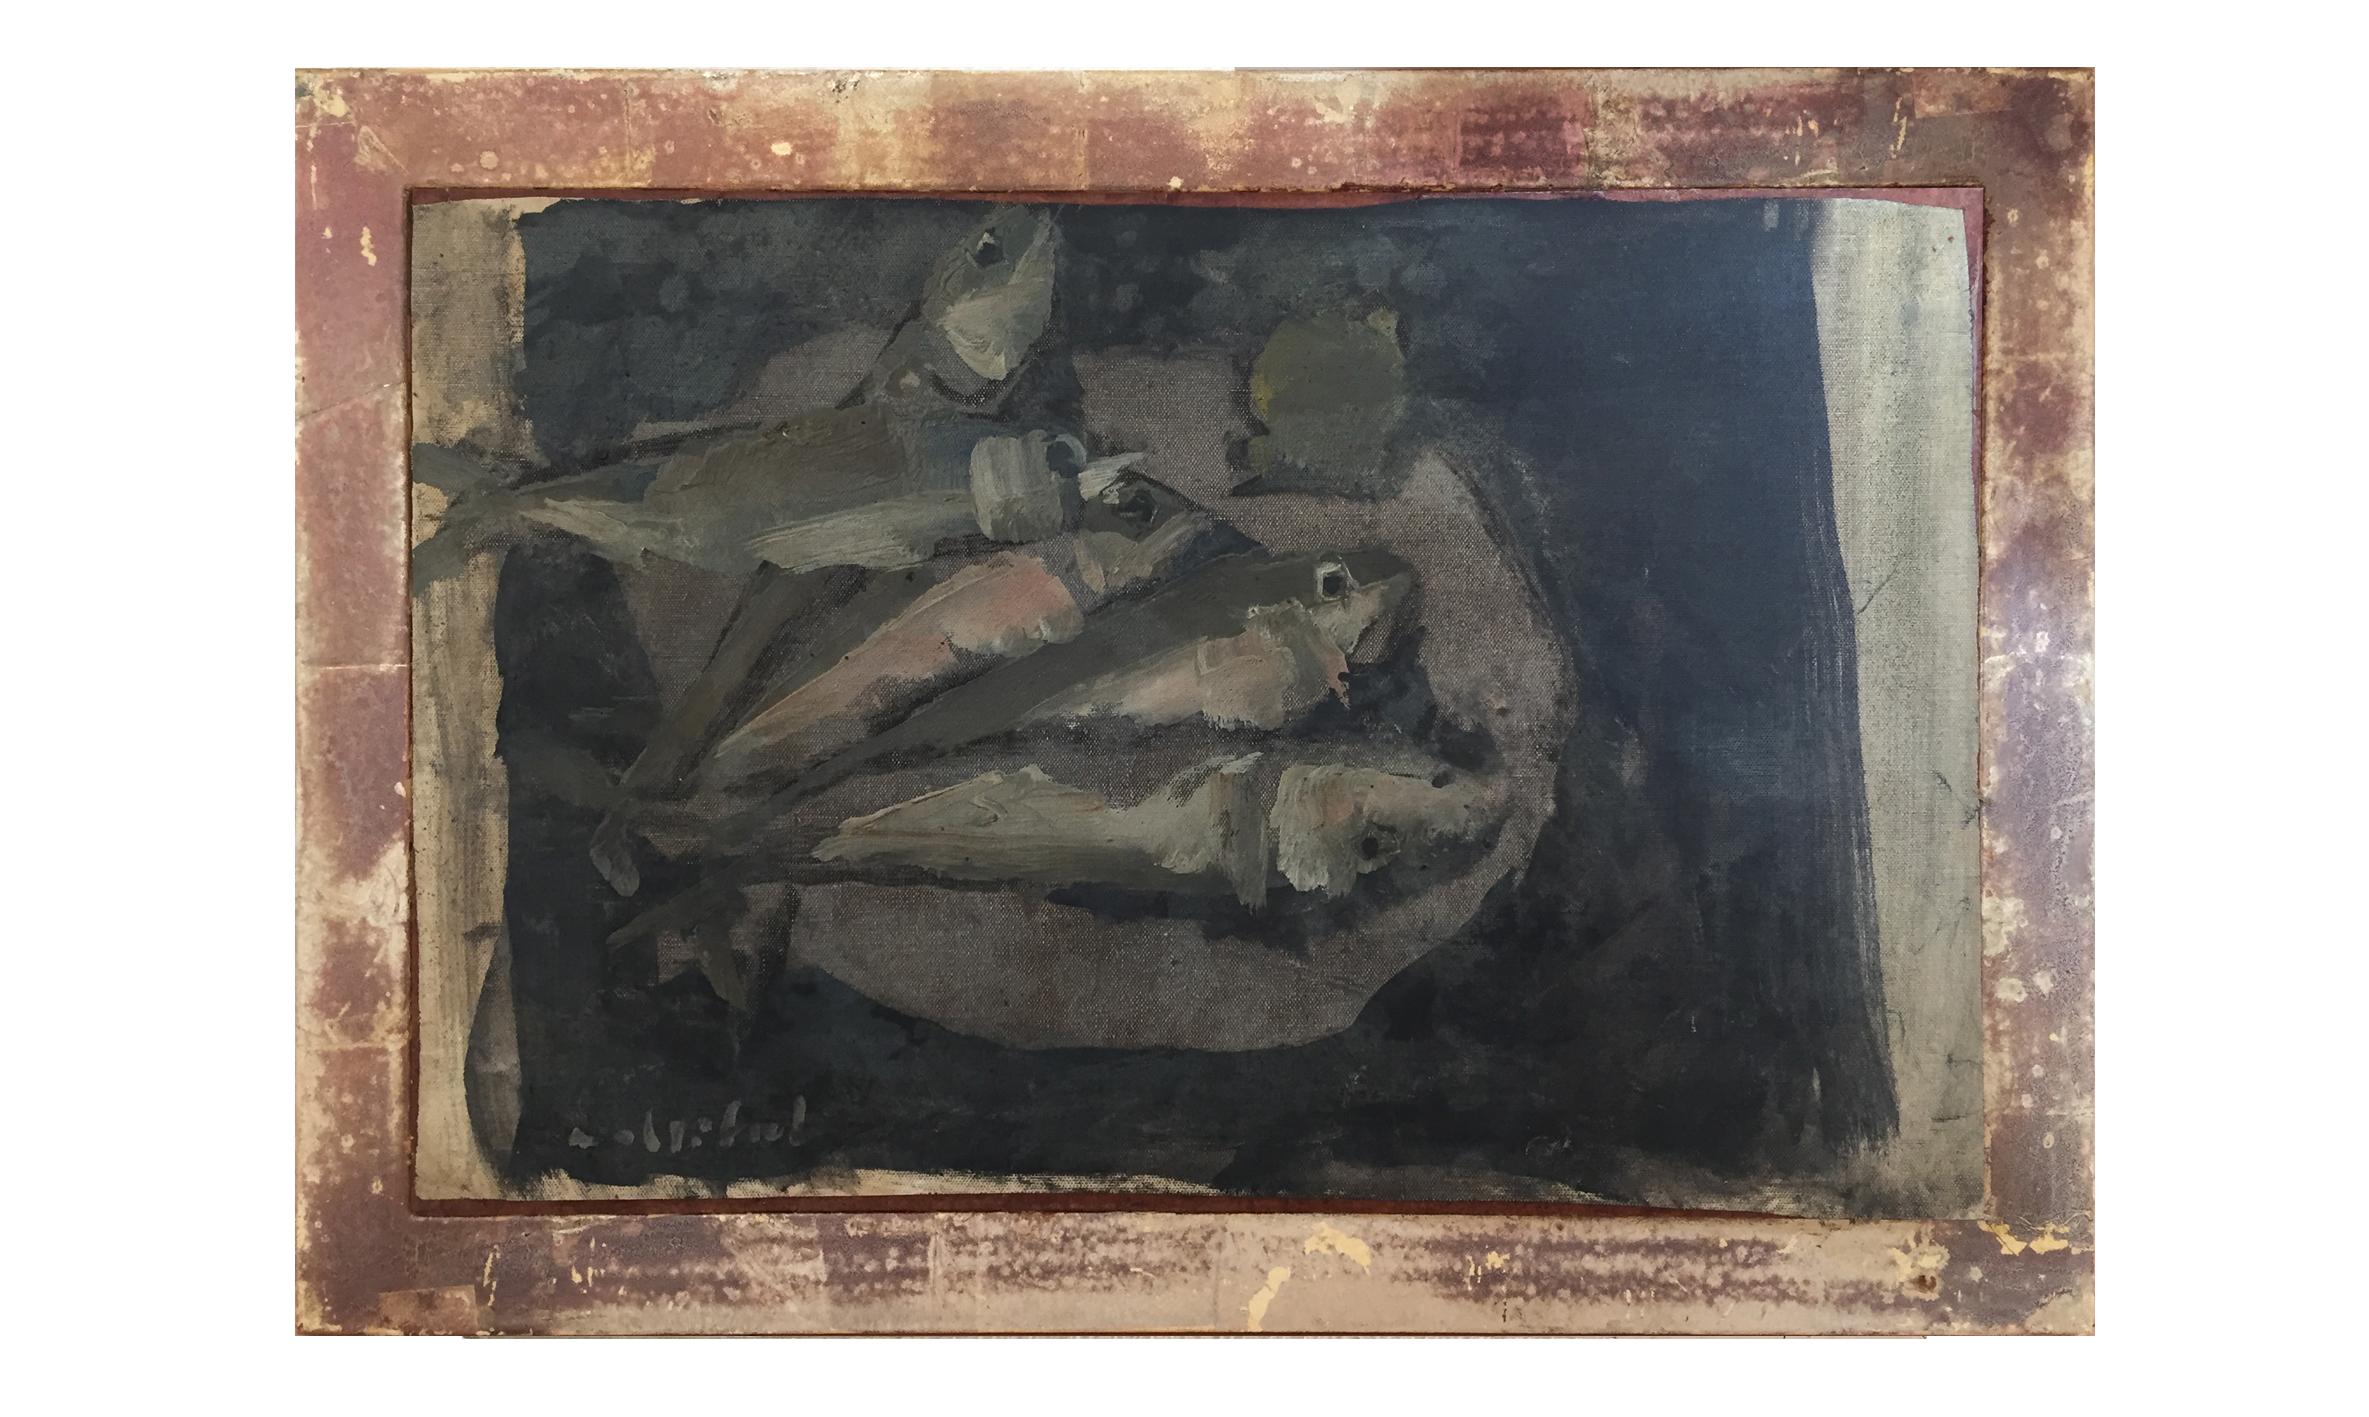 Fische, Datum unbekannt, 50 x 32 cm, Öl auf Leinwand auf Holzplatte, Gerahmt in Künstlerrahmen Holz, Weissgold platiniert, CHF 1'800.–